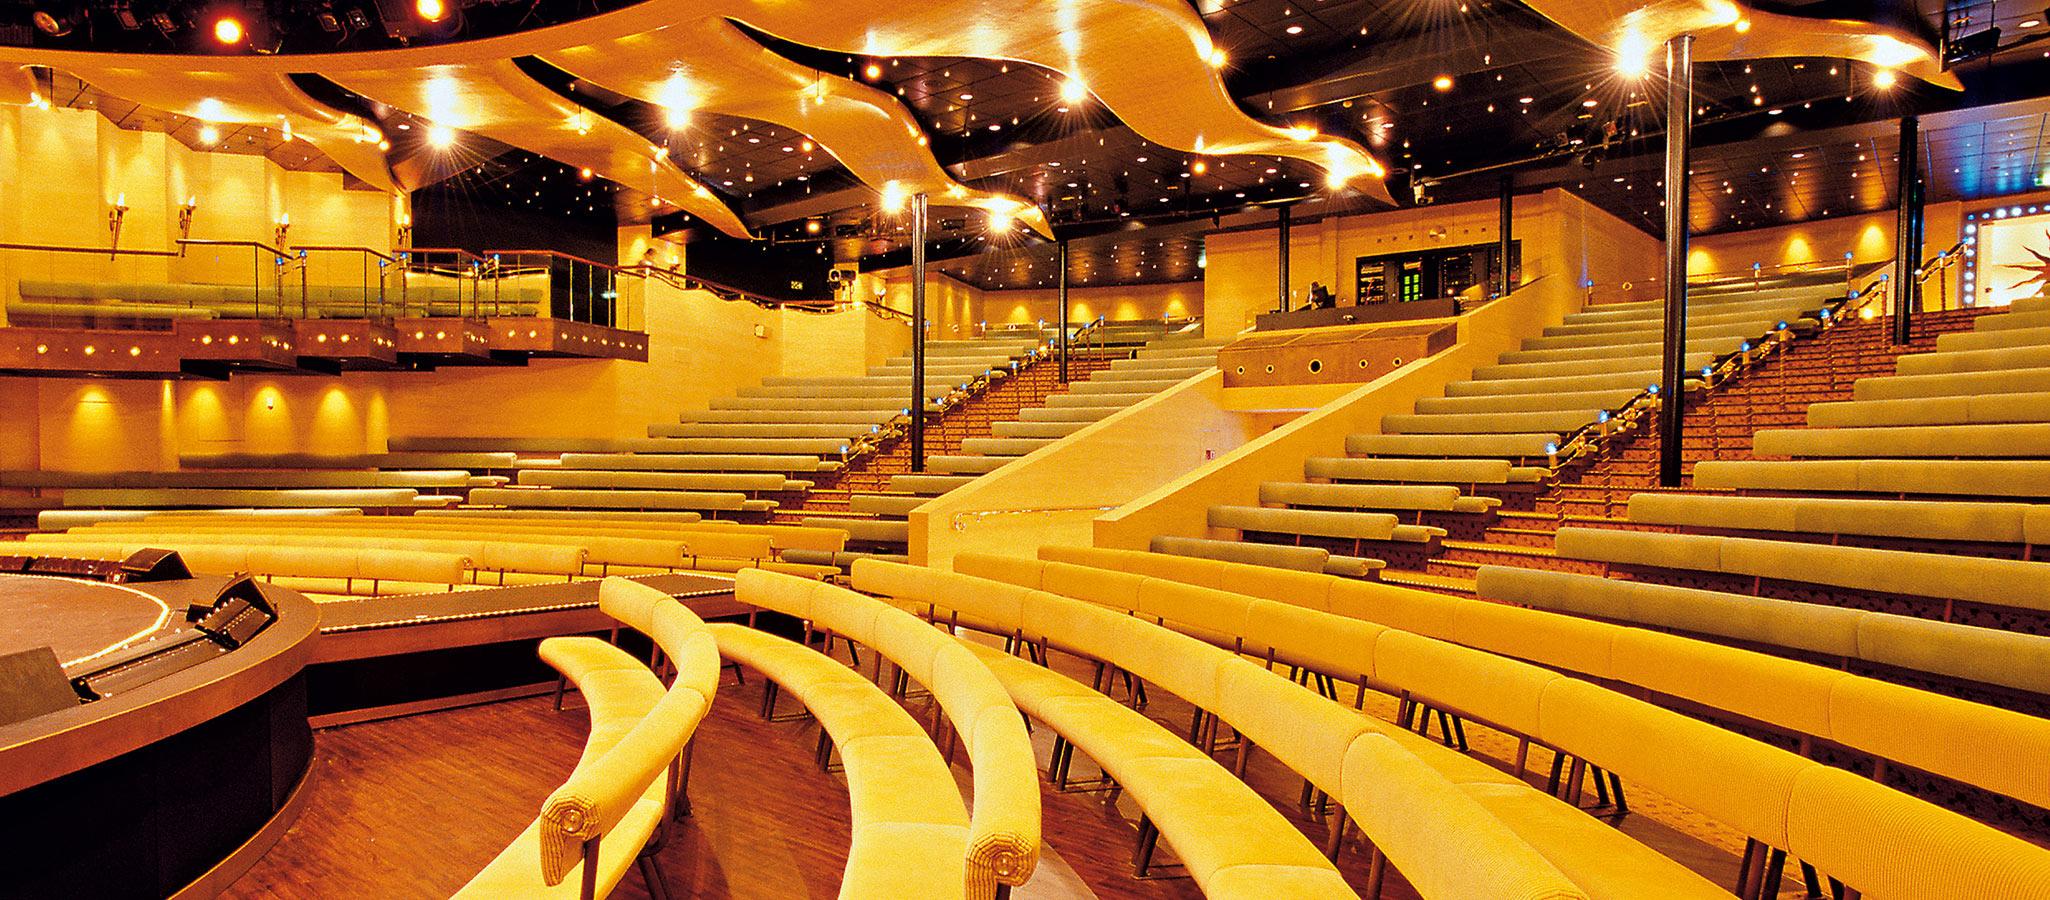 Sie verfügen über exzellente Tagungstechnik, modernste Licht- und Tonanlagen und lassen Ihre Konferenz in außergewöhnlichem Ambiente erstrahlen.